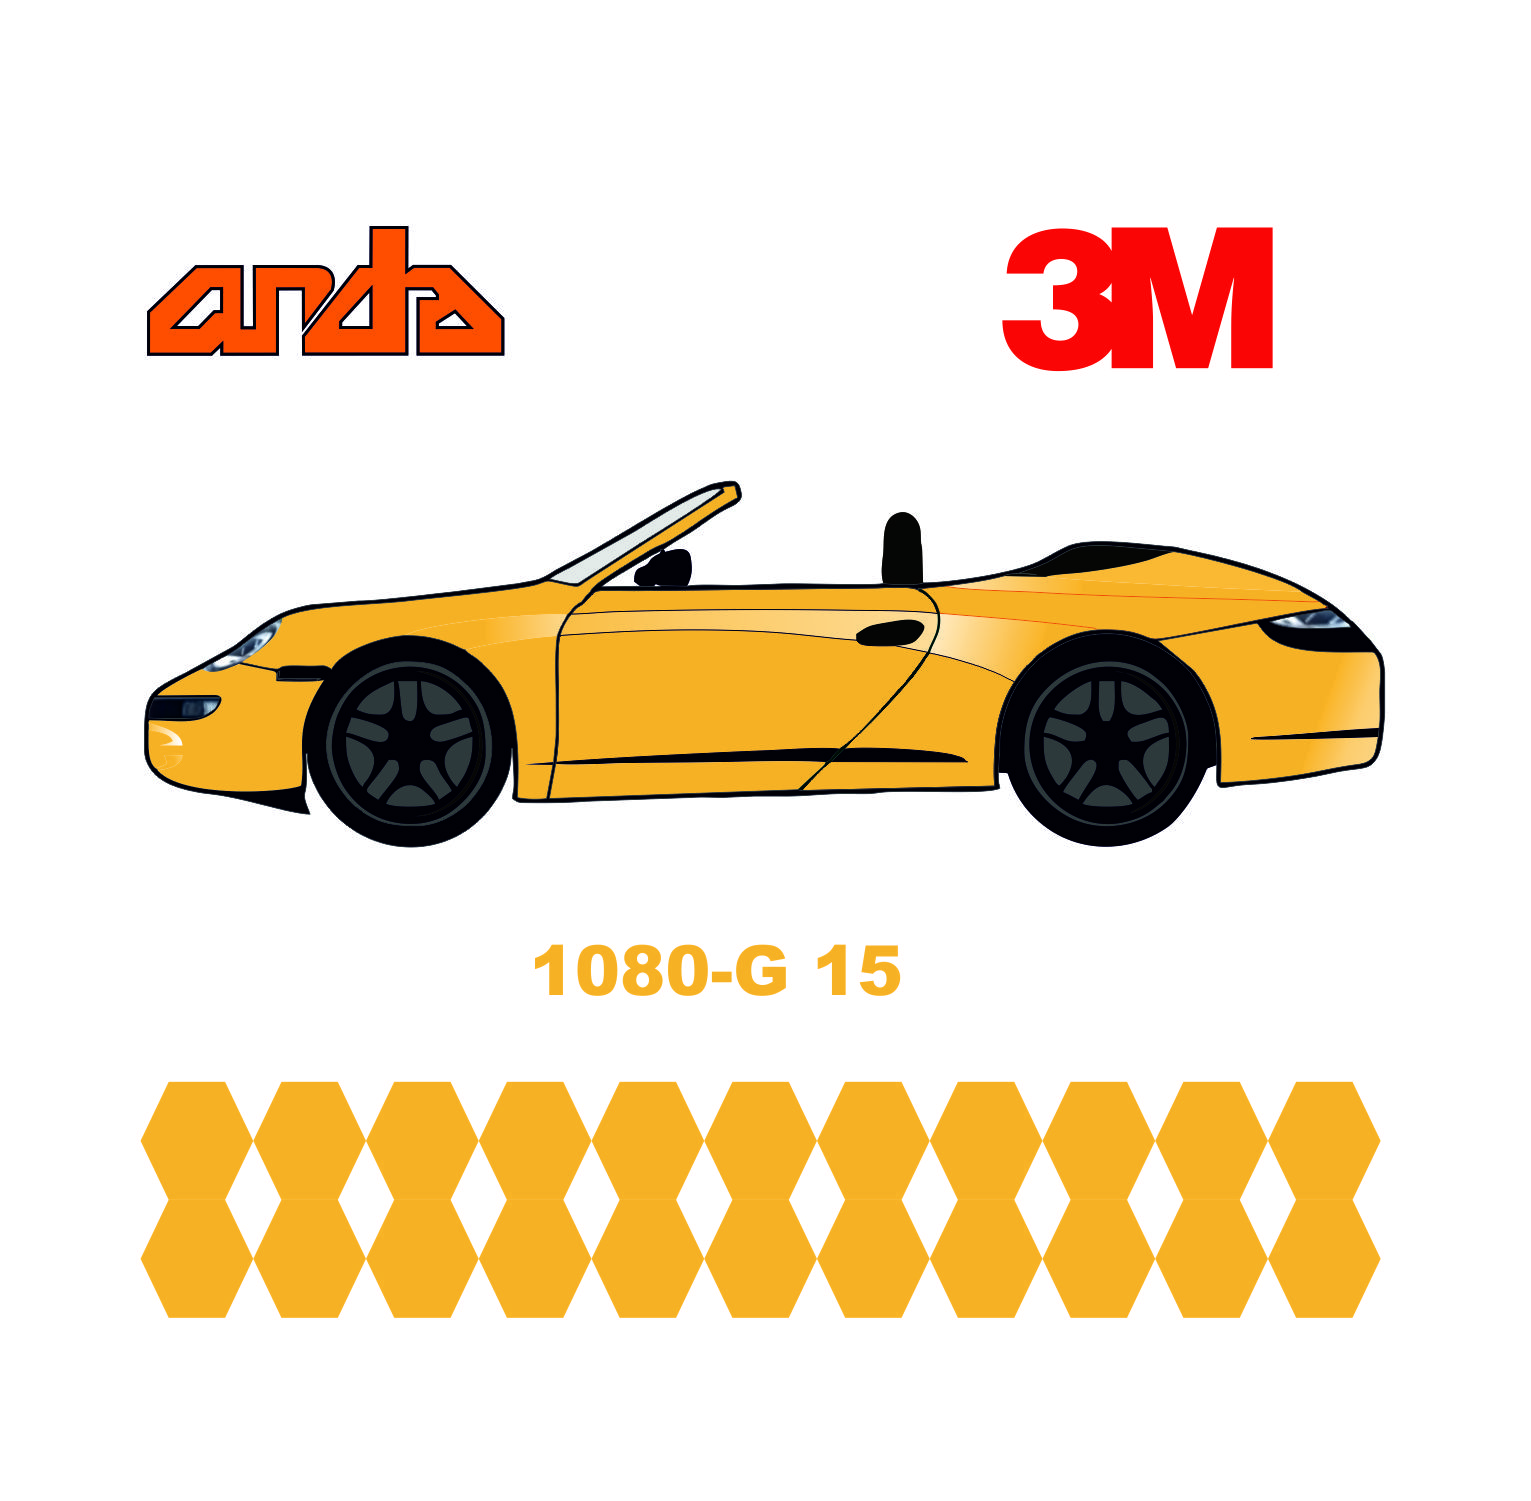 3M 1080-G15 Parlak Sarı 1